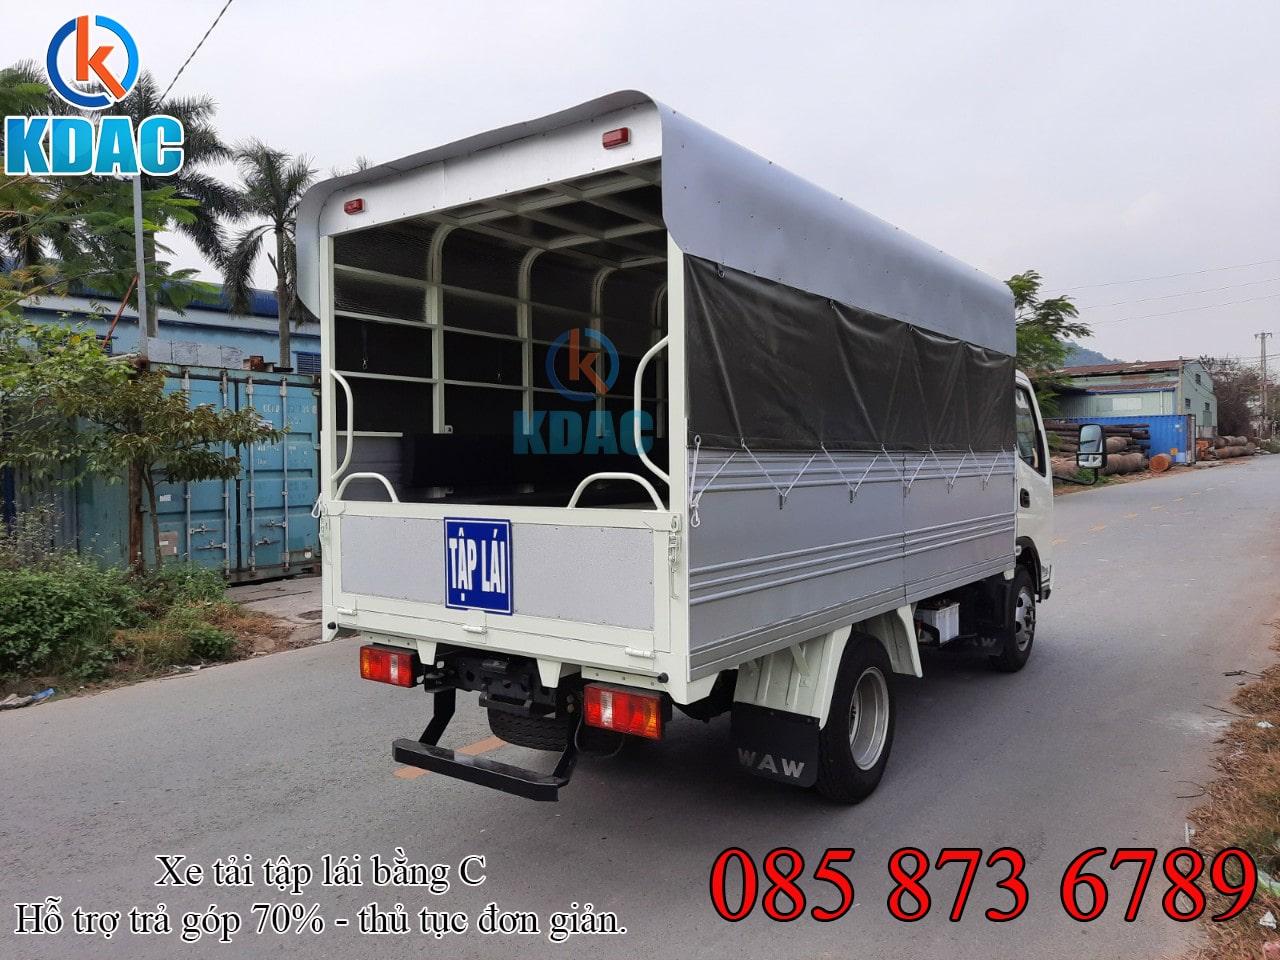 Xe tải WAW 3.5 tấn thùng tập lái